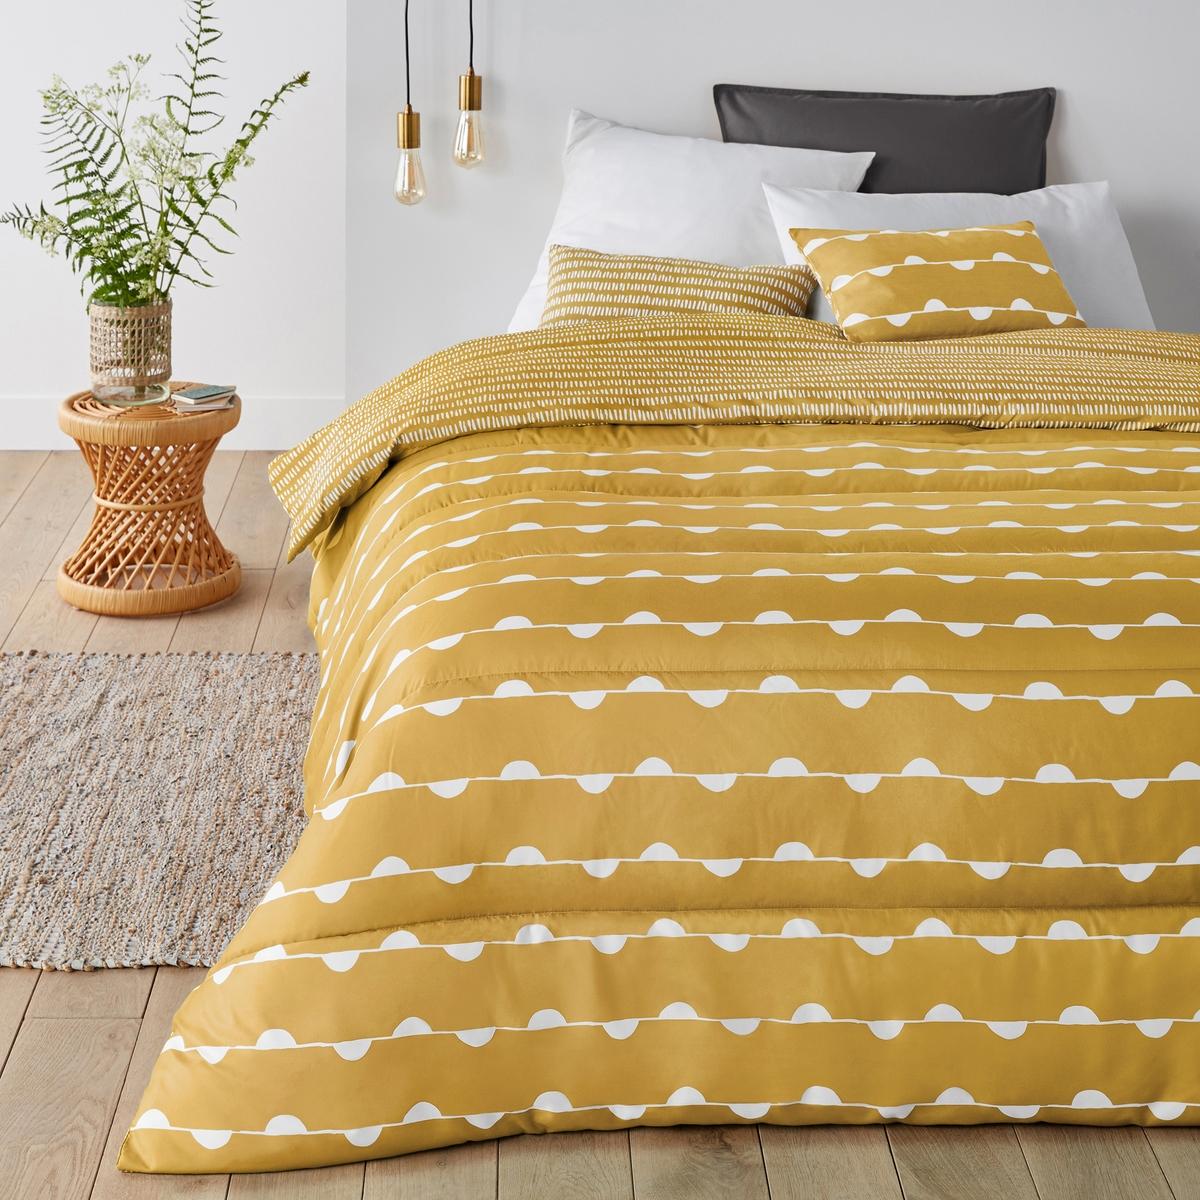 Фото - Одеяло LaRedoute С принтом Irun 140 x 200 см желтый скатерть laredoute с принтом и пропиткой 100 хлопок irun 150 x 250 см желтый